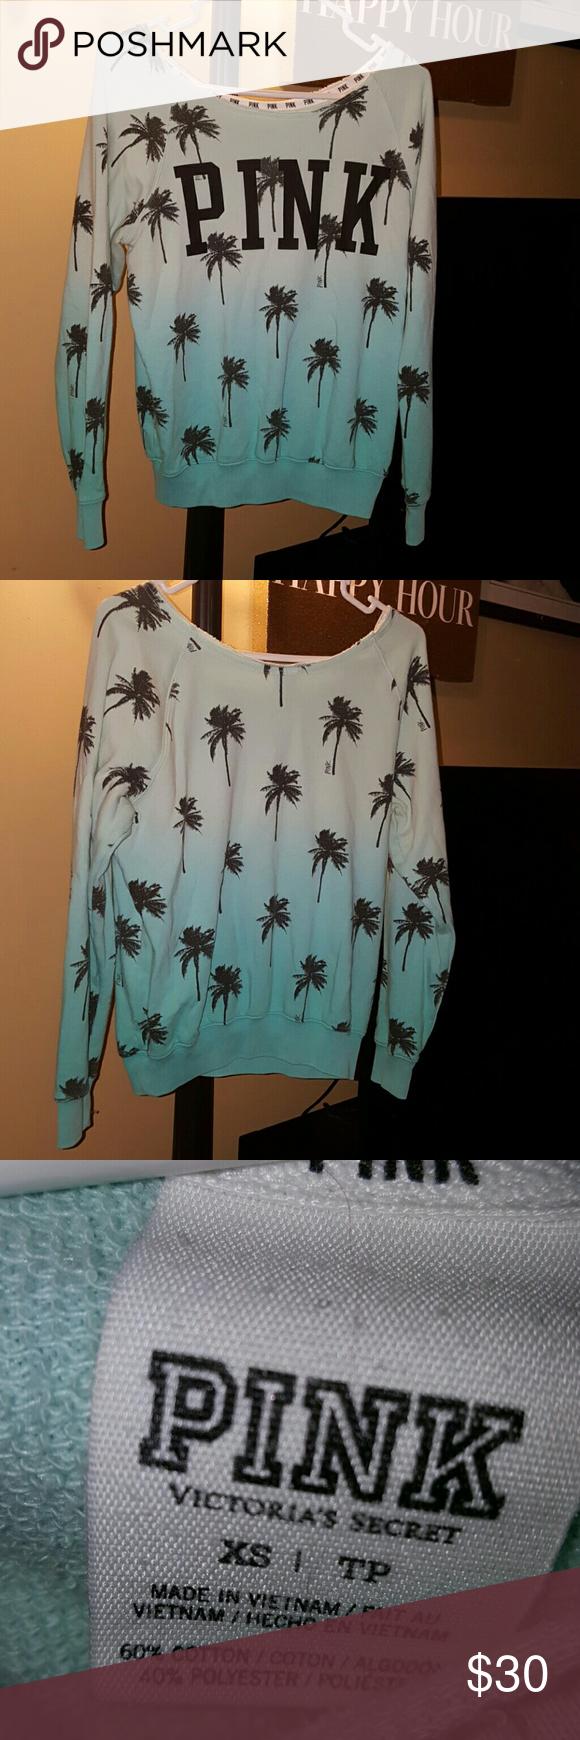 Vs pink sweatshirt Guc size xs palm tree off the shoulder sweatshirt PINK Victoria's Secret Tops Sweatshirts & Hoodies